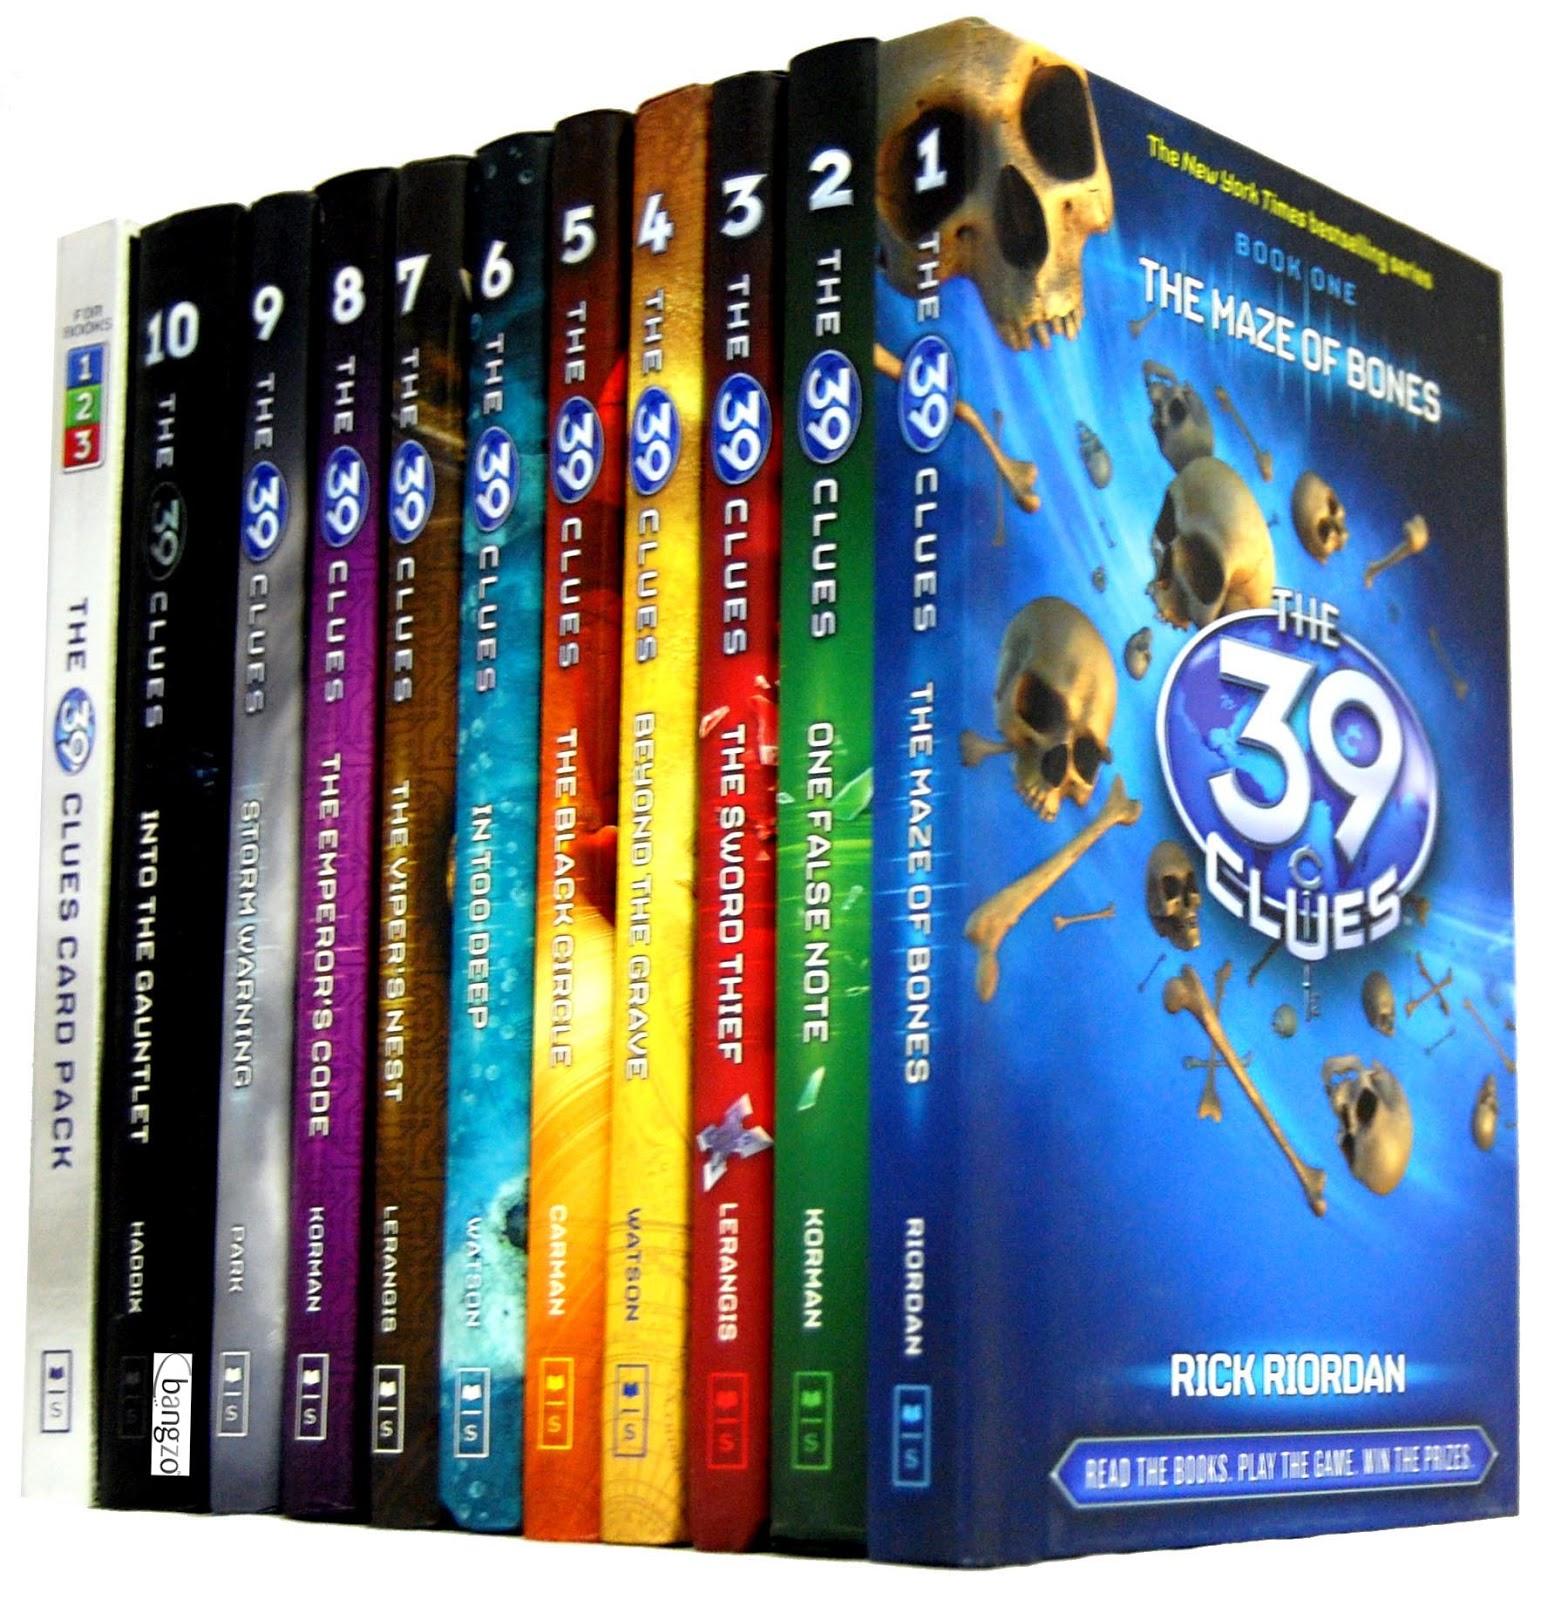 The 39 clues livro 1